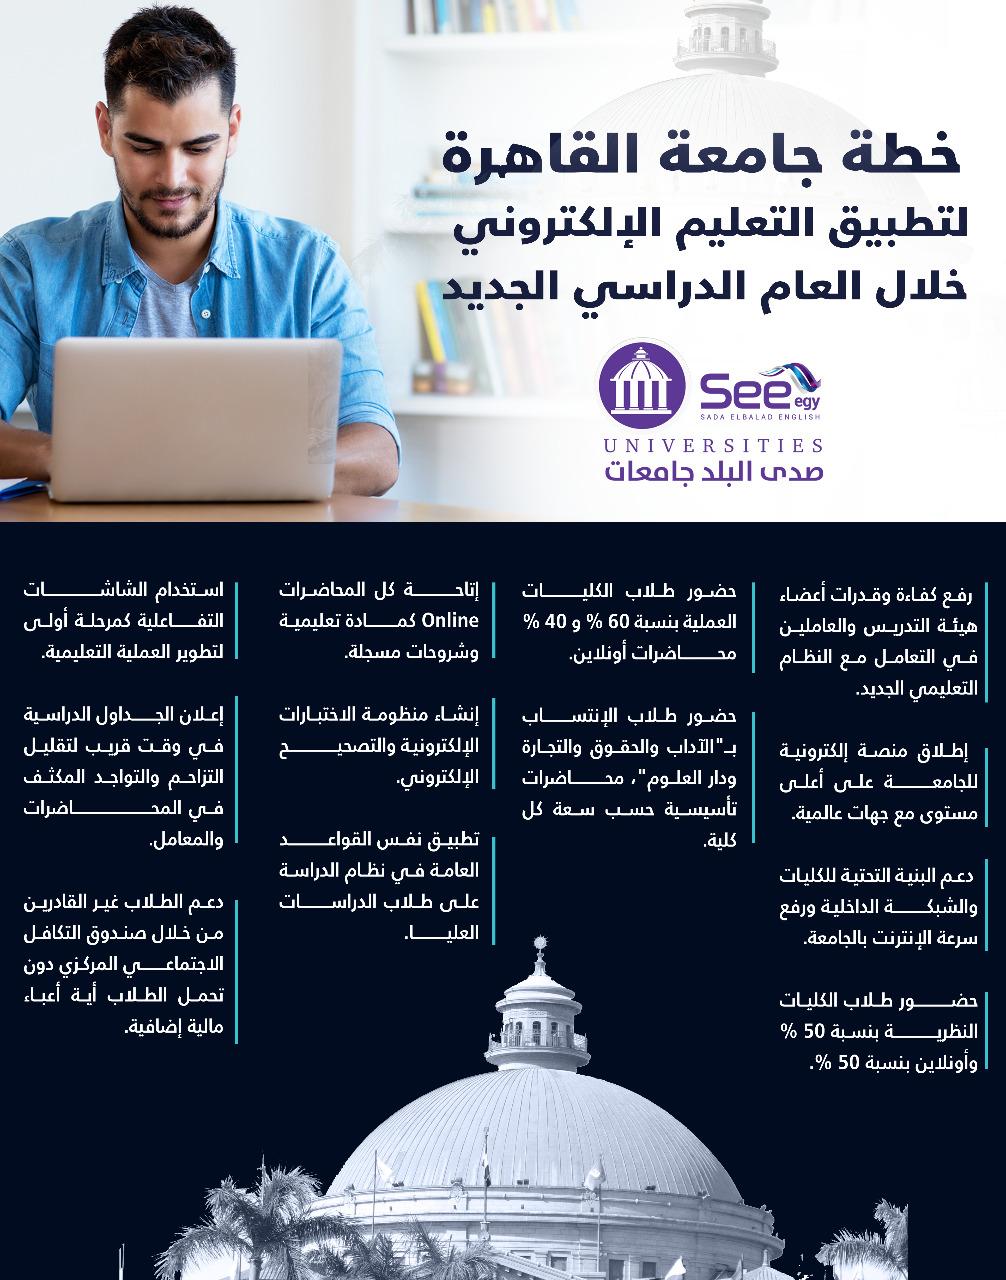 انفوجراف.. خطة جامعة القاهرة لتطبيق التعليم الإلكترونى بالعام الدراسى الجديد